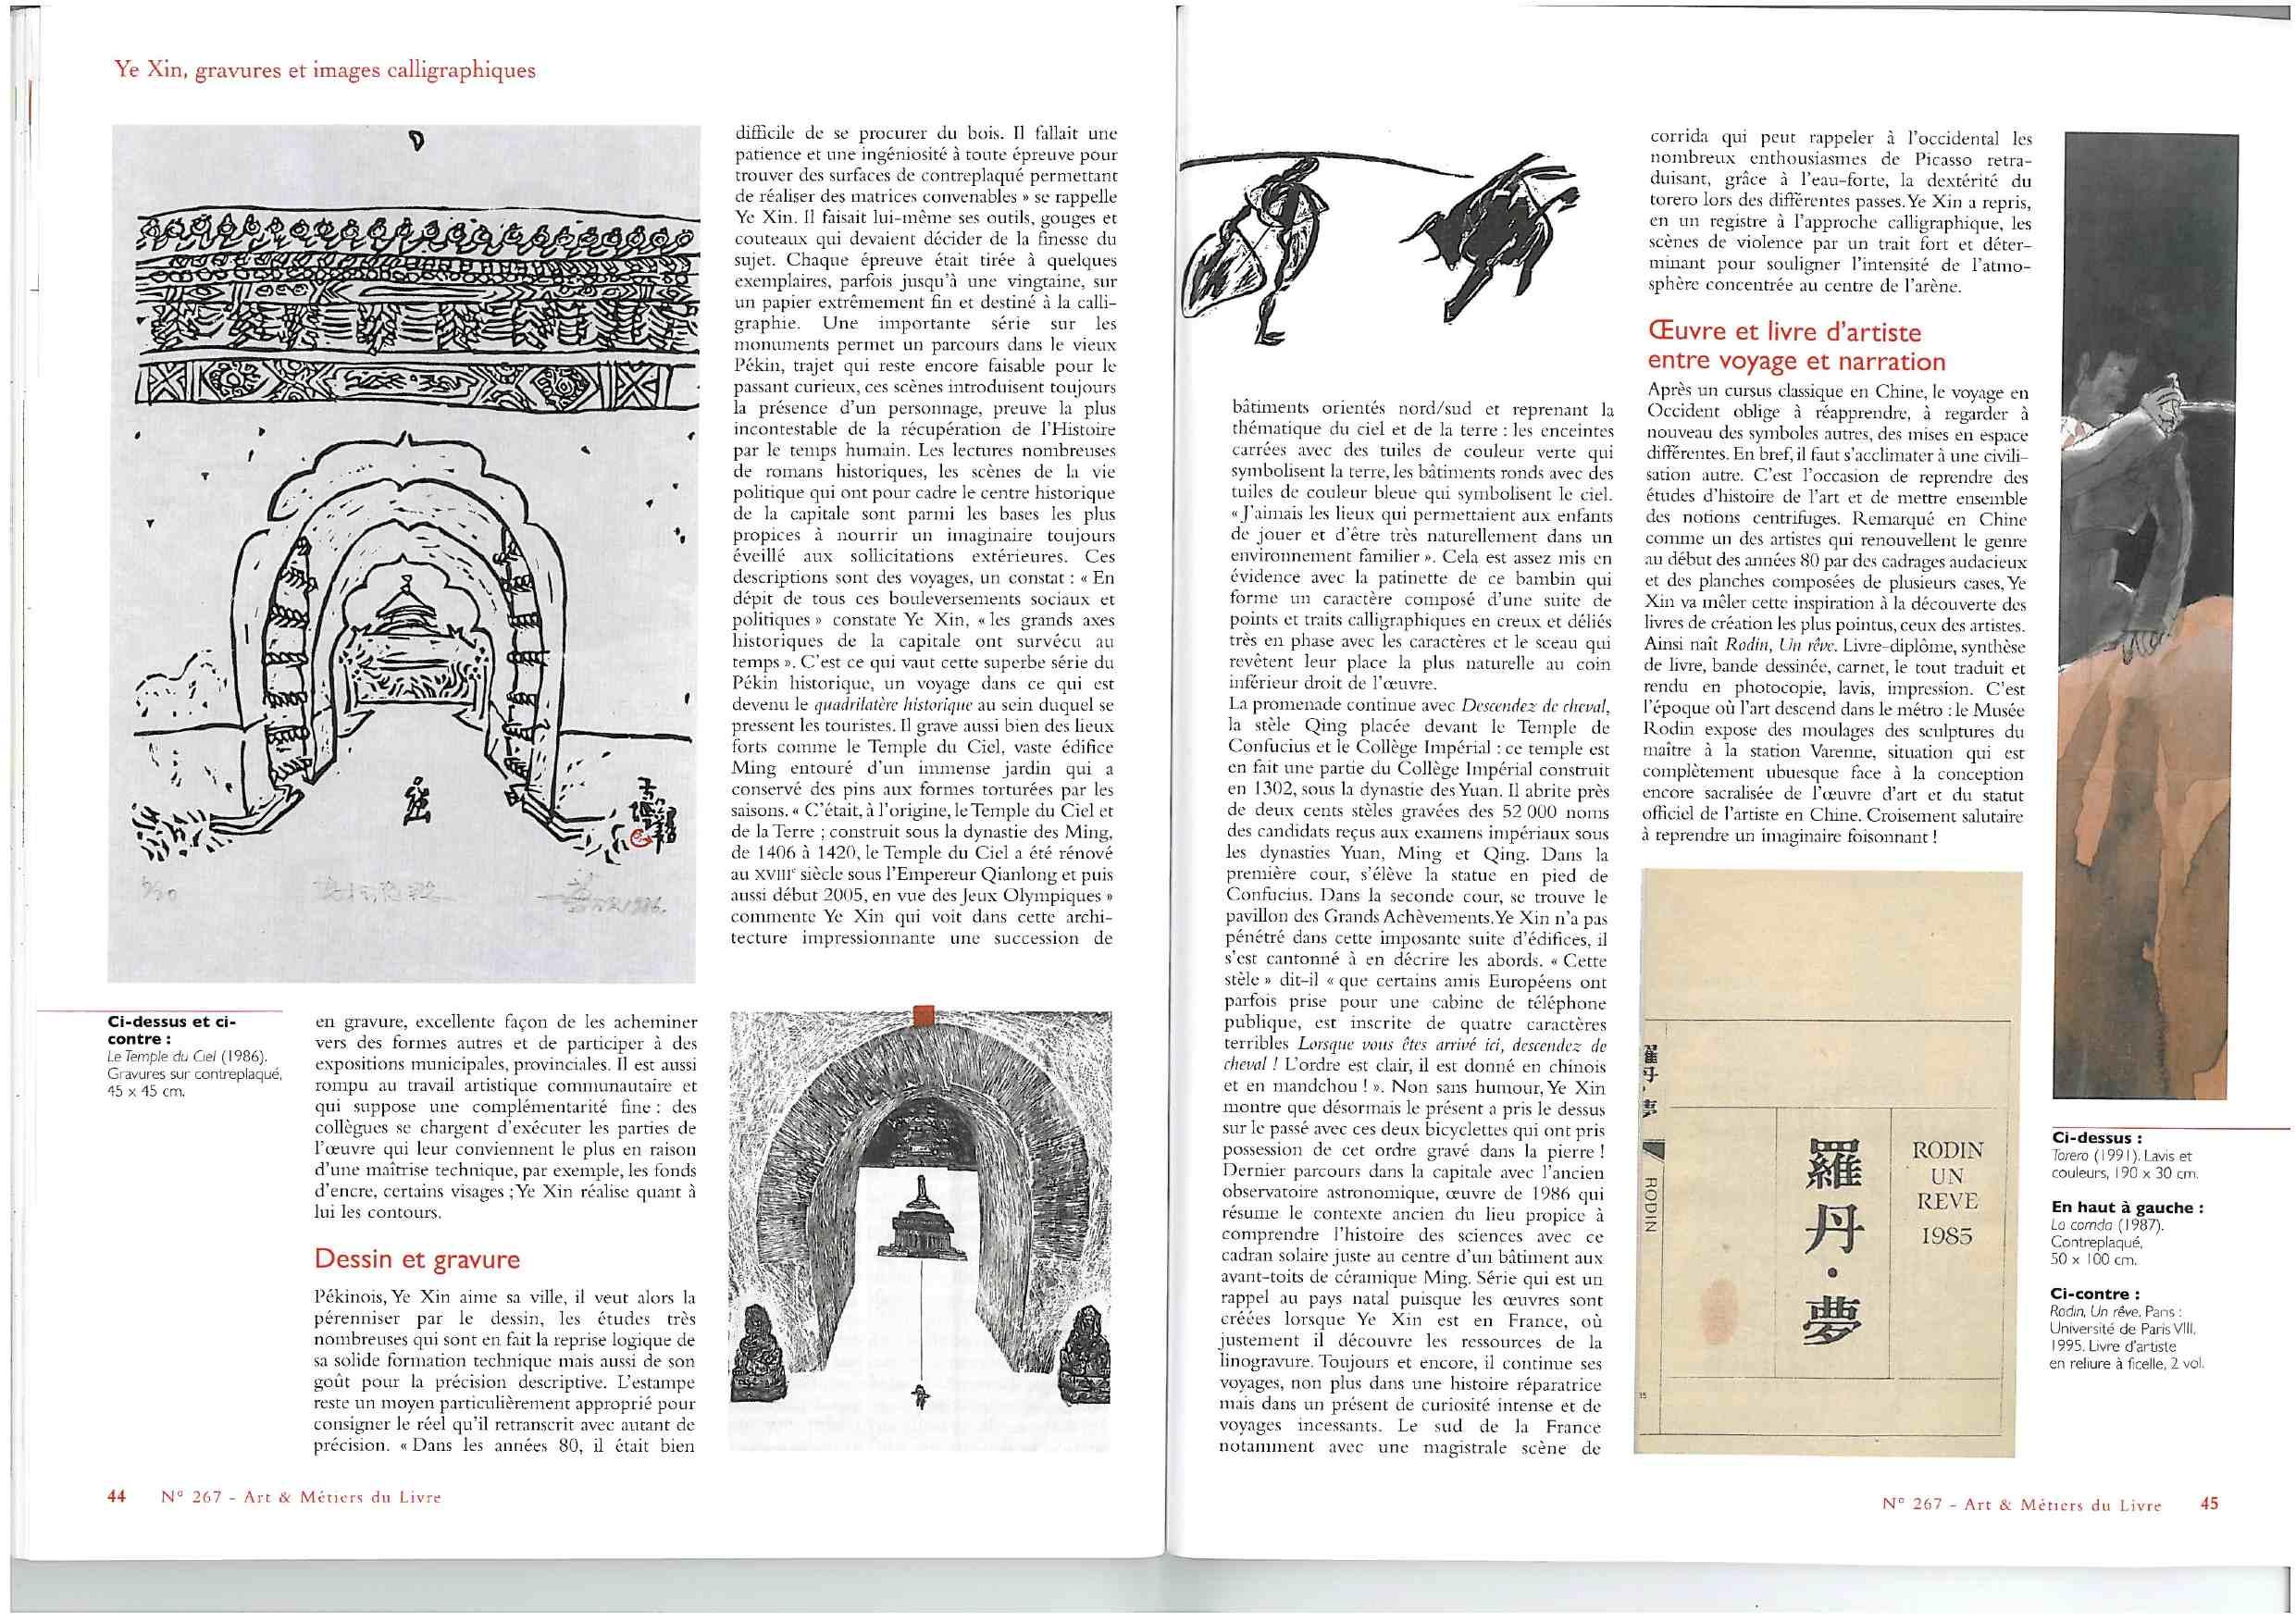 Ye_Xin_dans_Arts_et_Métiers_du_Livre_2008-3